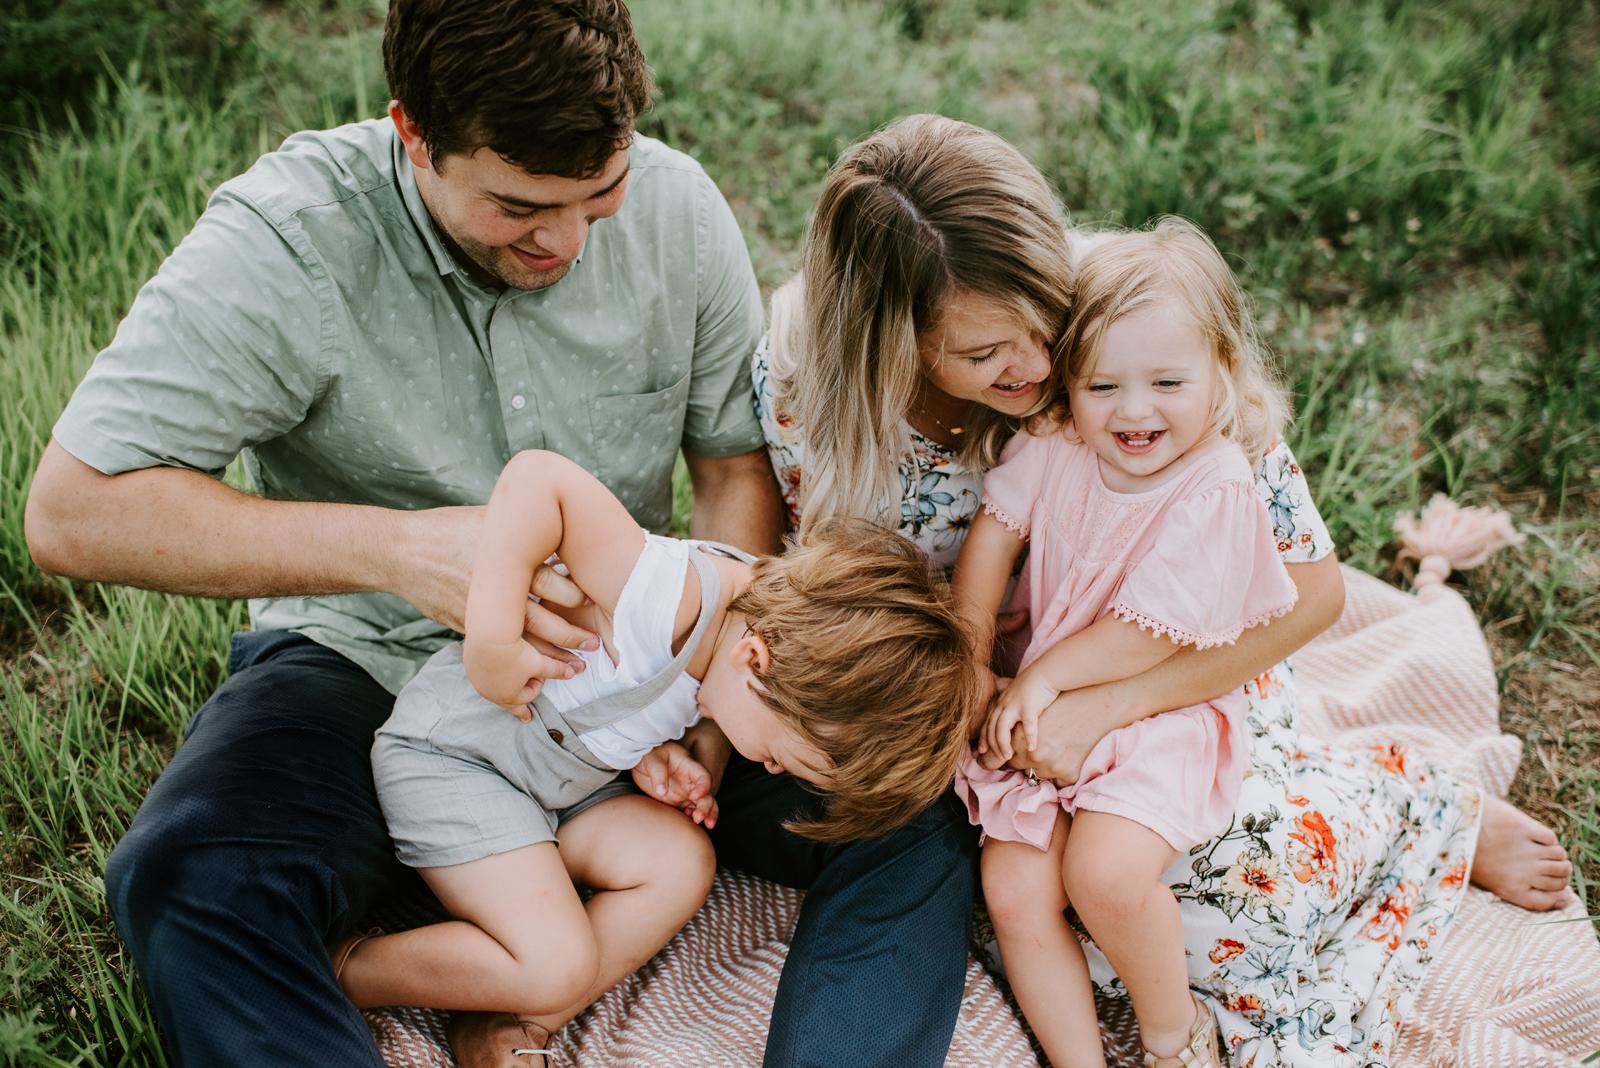 fairfaxvafamilyphotographer.jpg